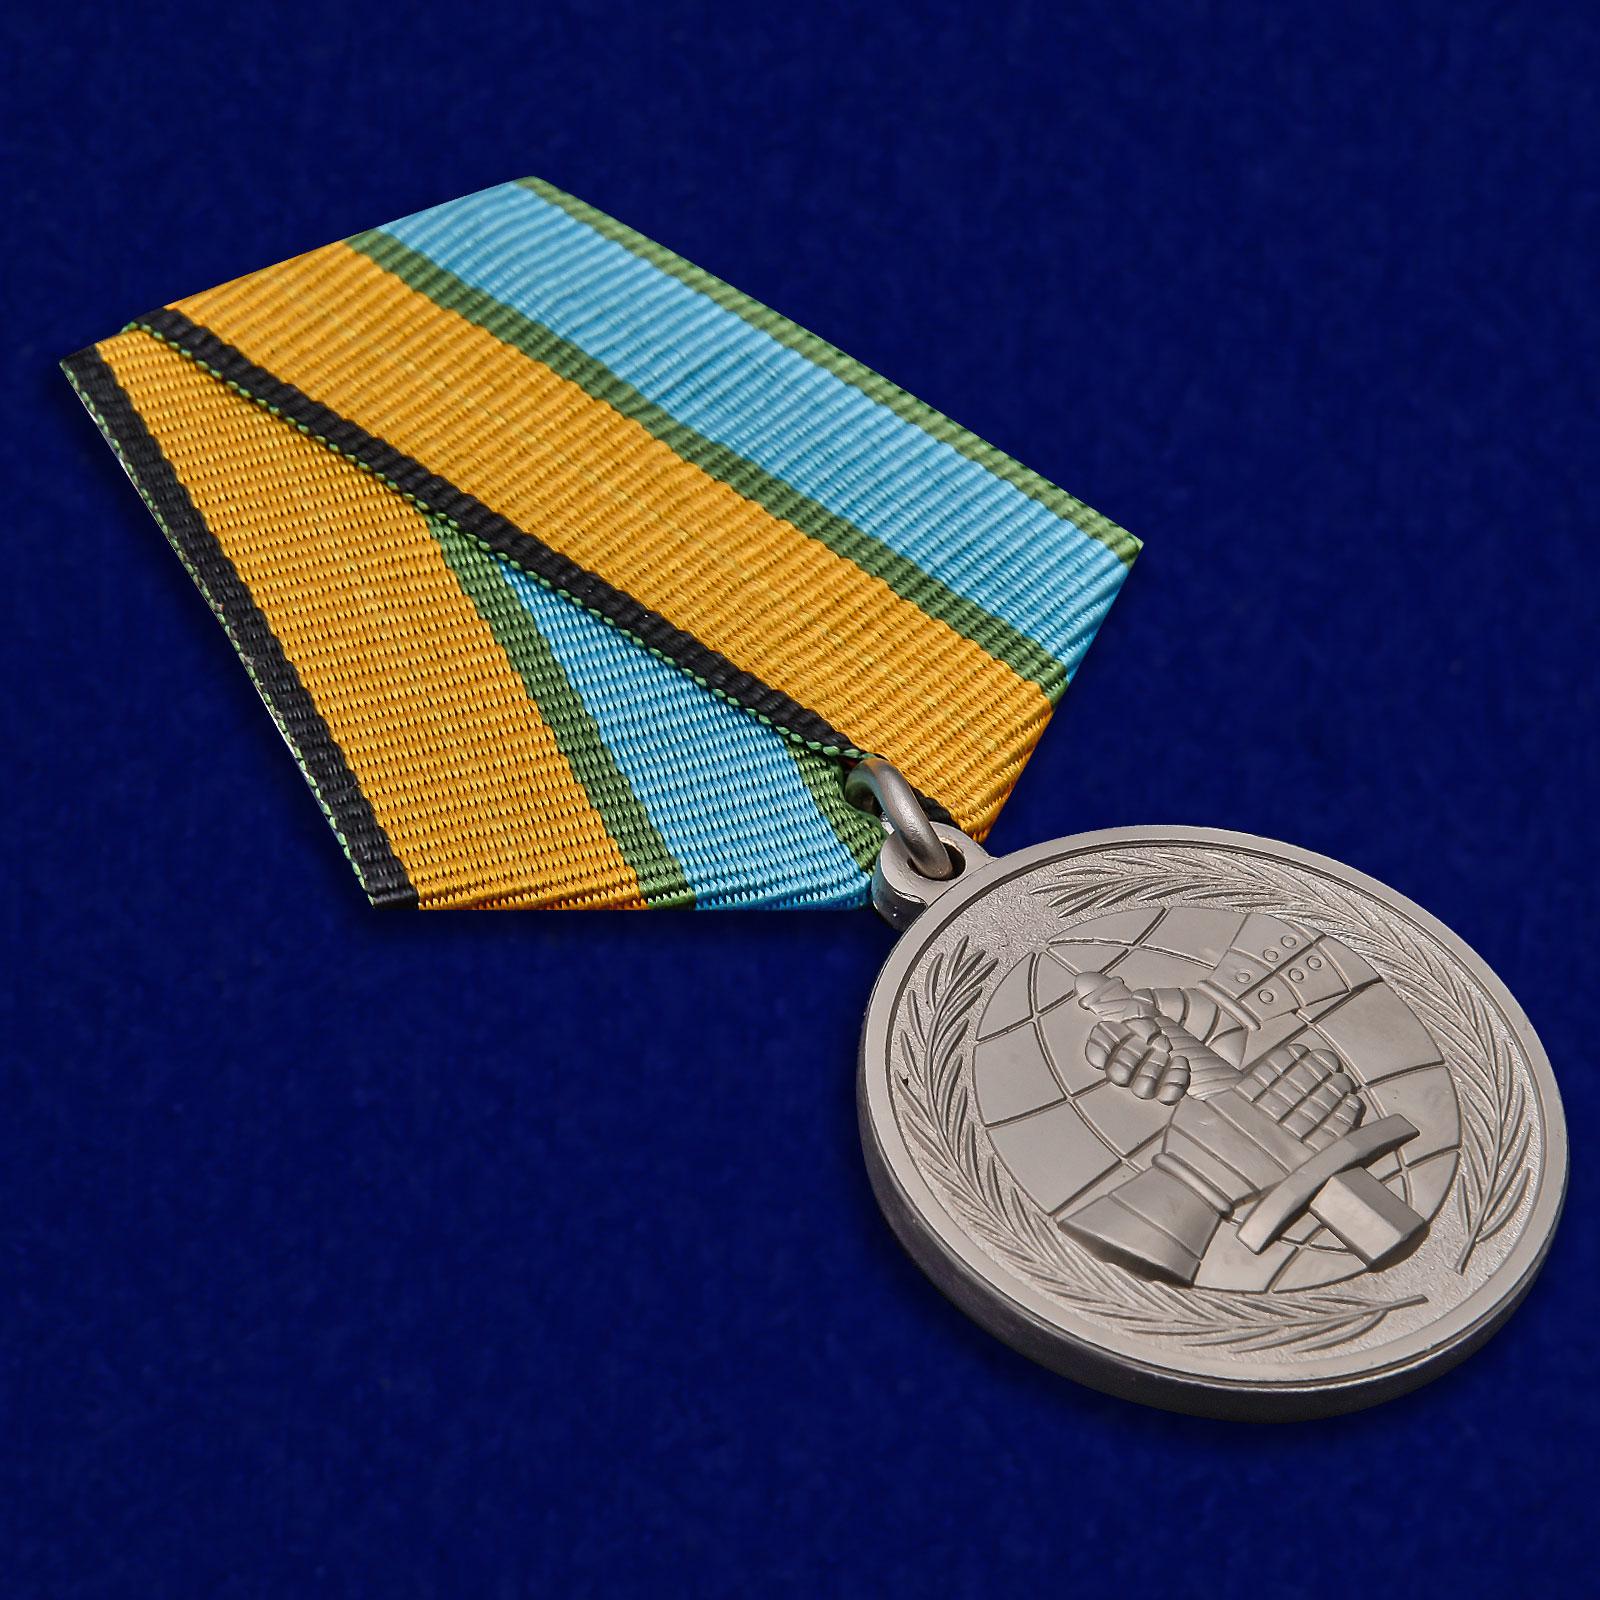 """Купить медаль МО """"За вклад в развитие международного военного сотрудничества"""""""